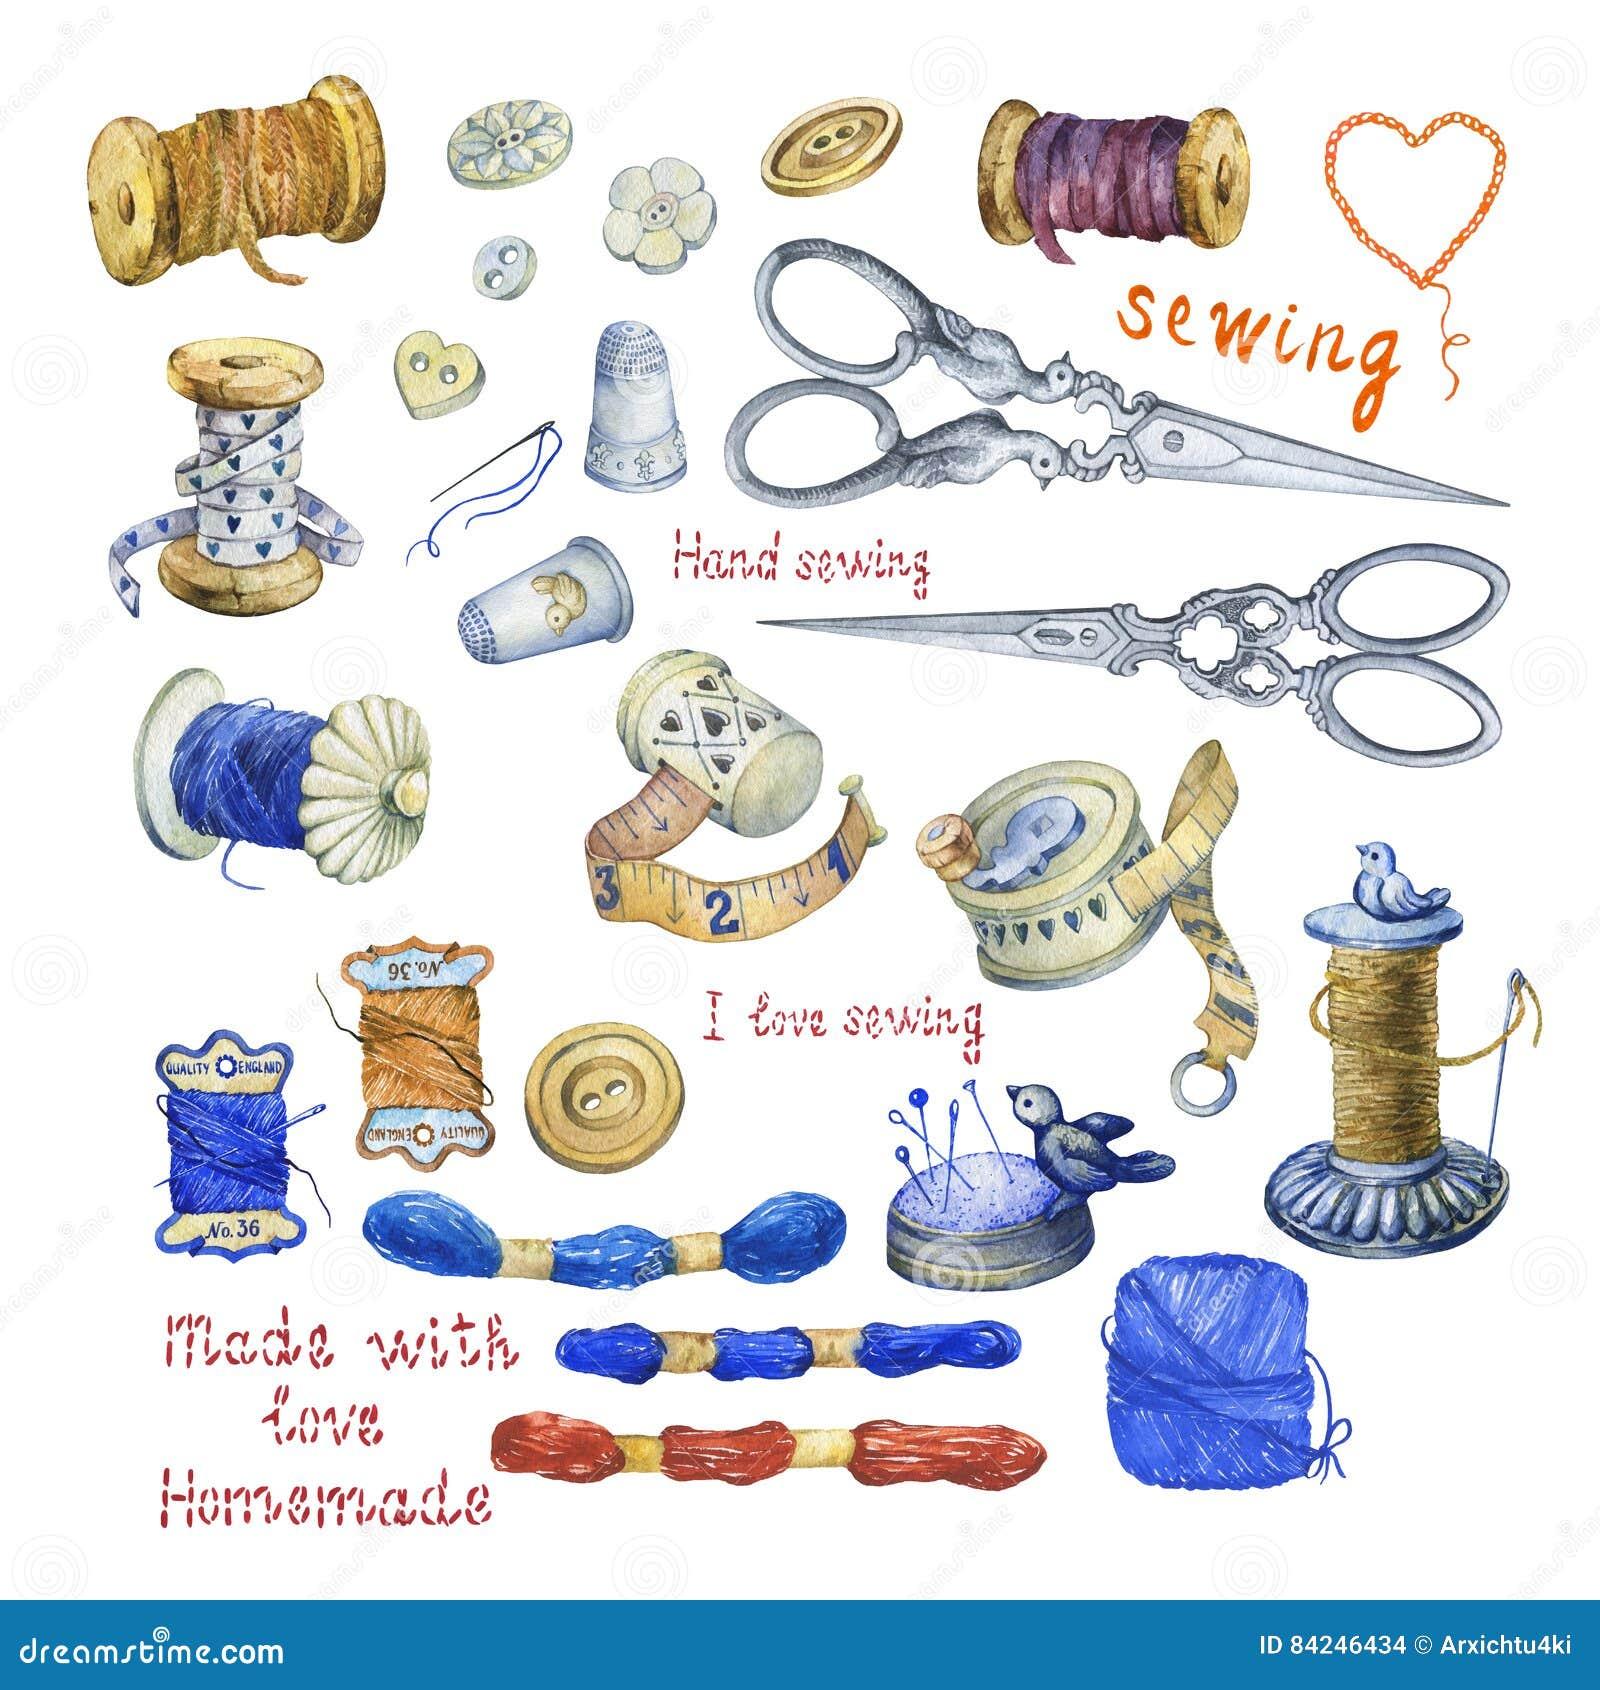 Комплект различных винтажных объектов для шить, ремесленничества и handmade